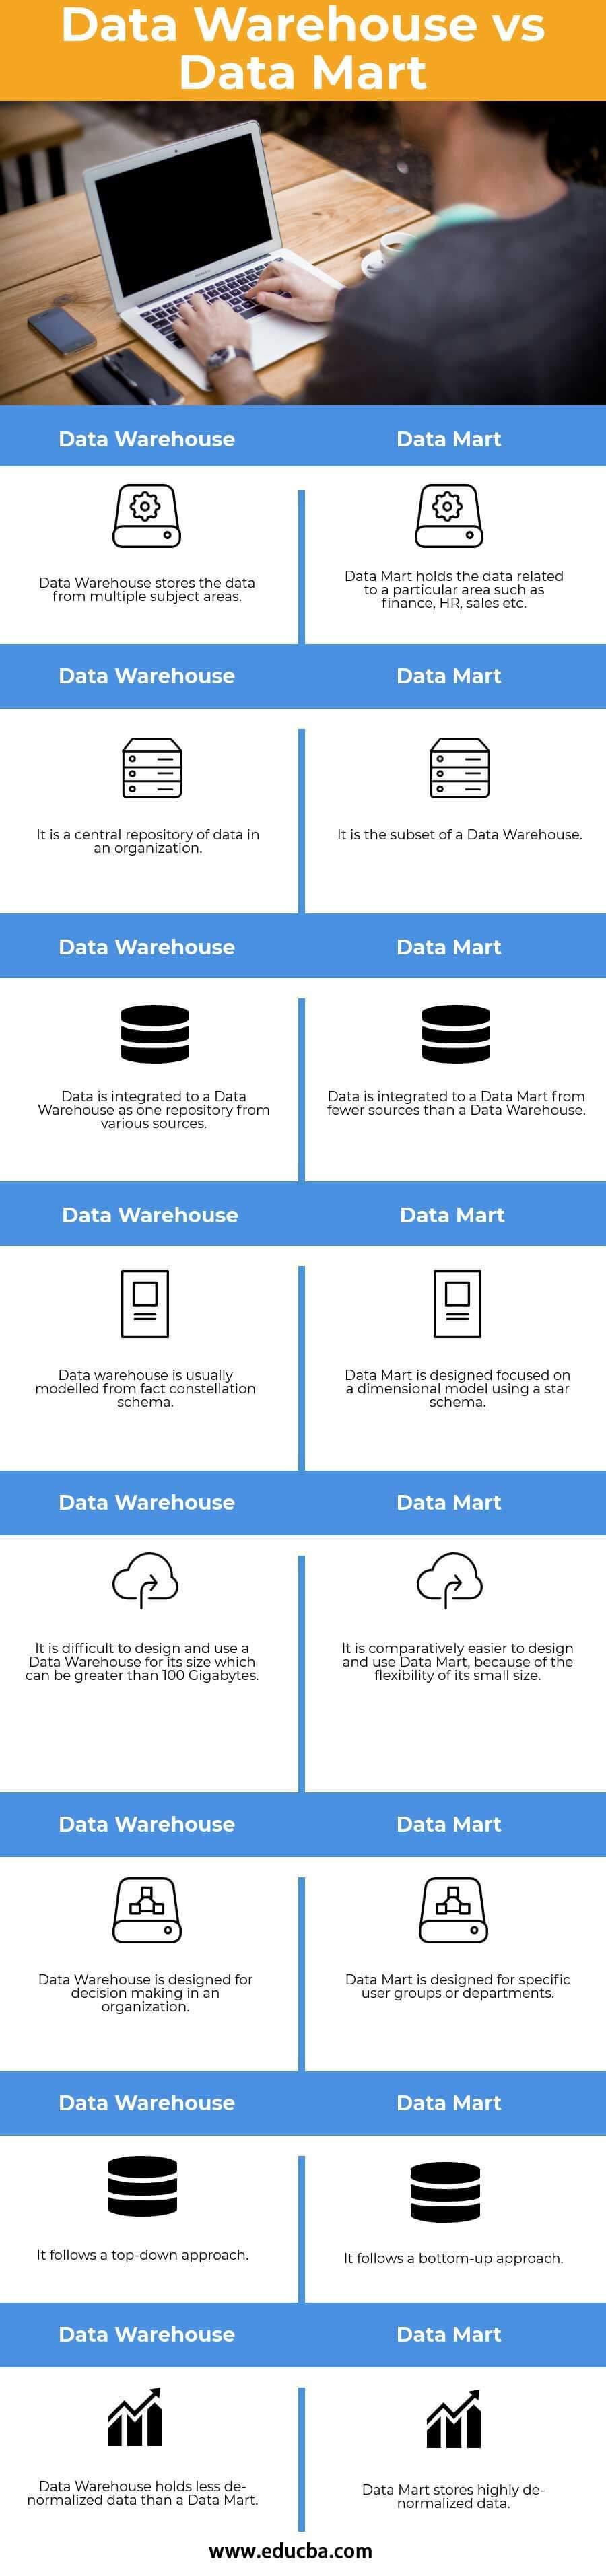 Data Warehouse vs Data Mart Infography